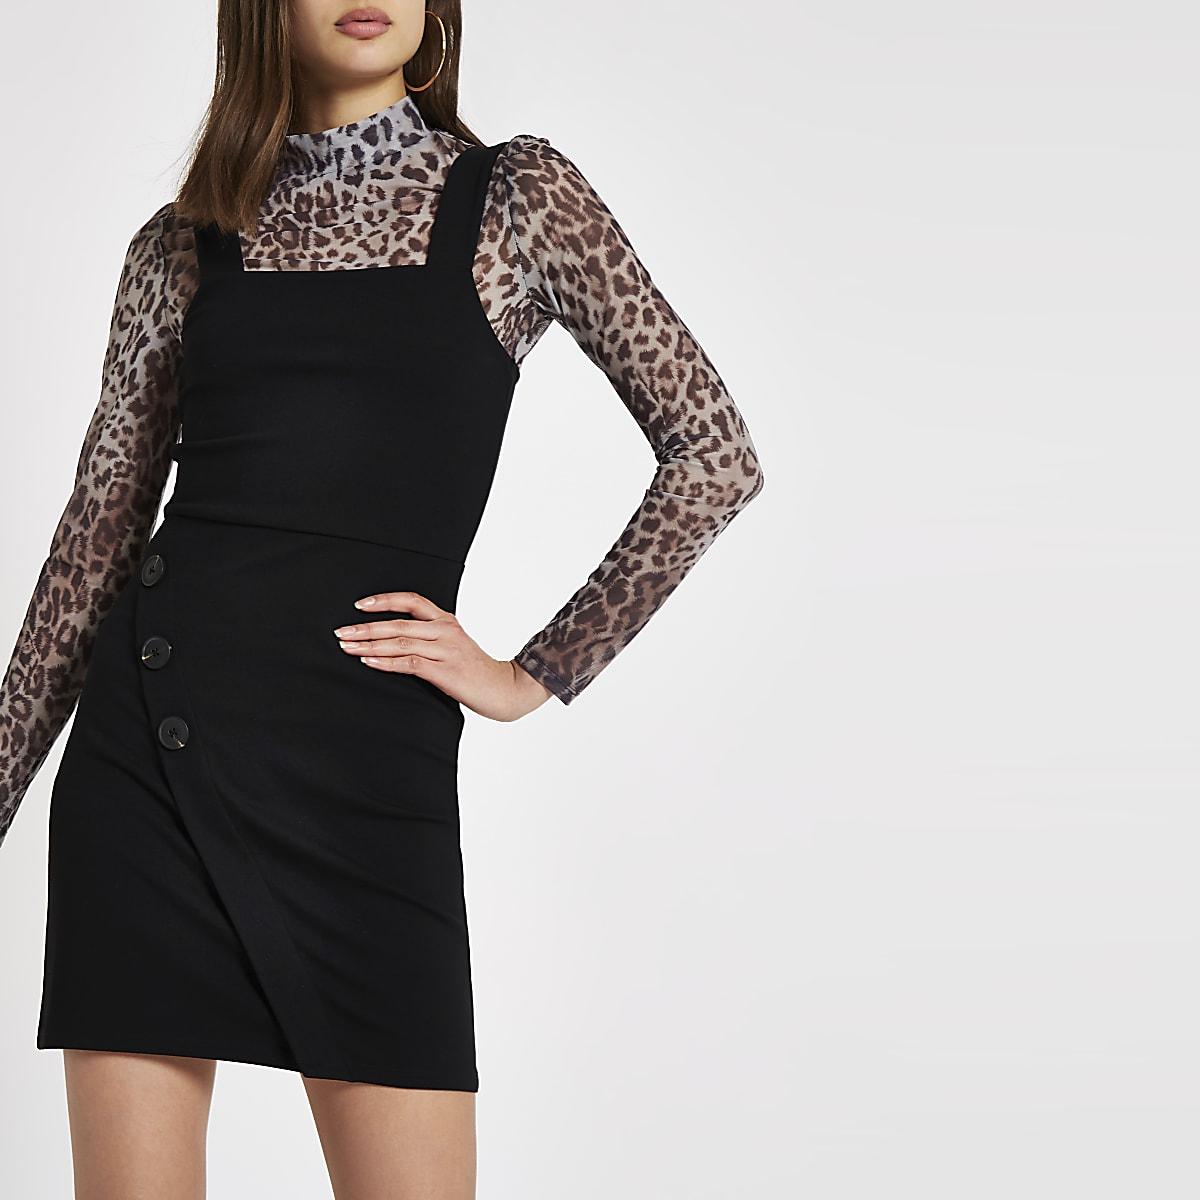 Schwarzes Träger-Minikleid mit seitlichen Knöpfen